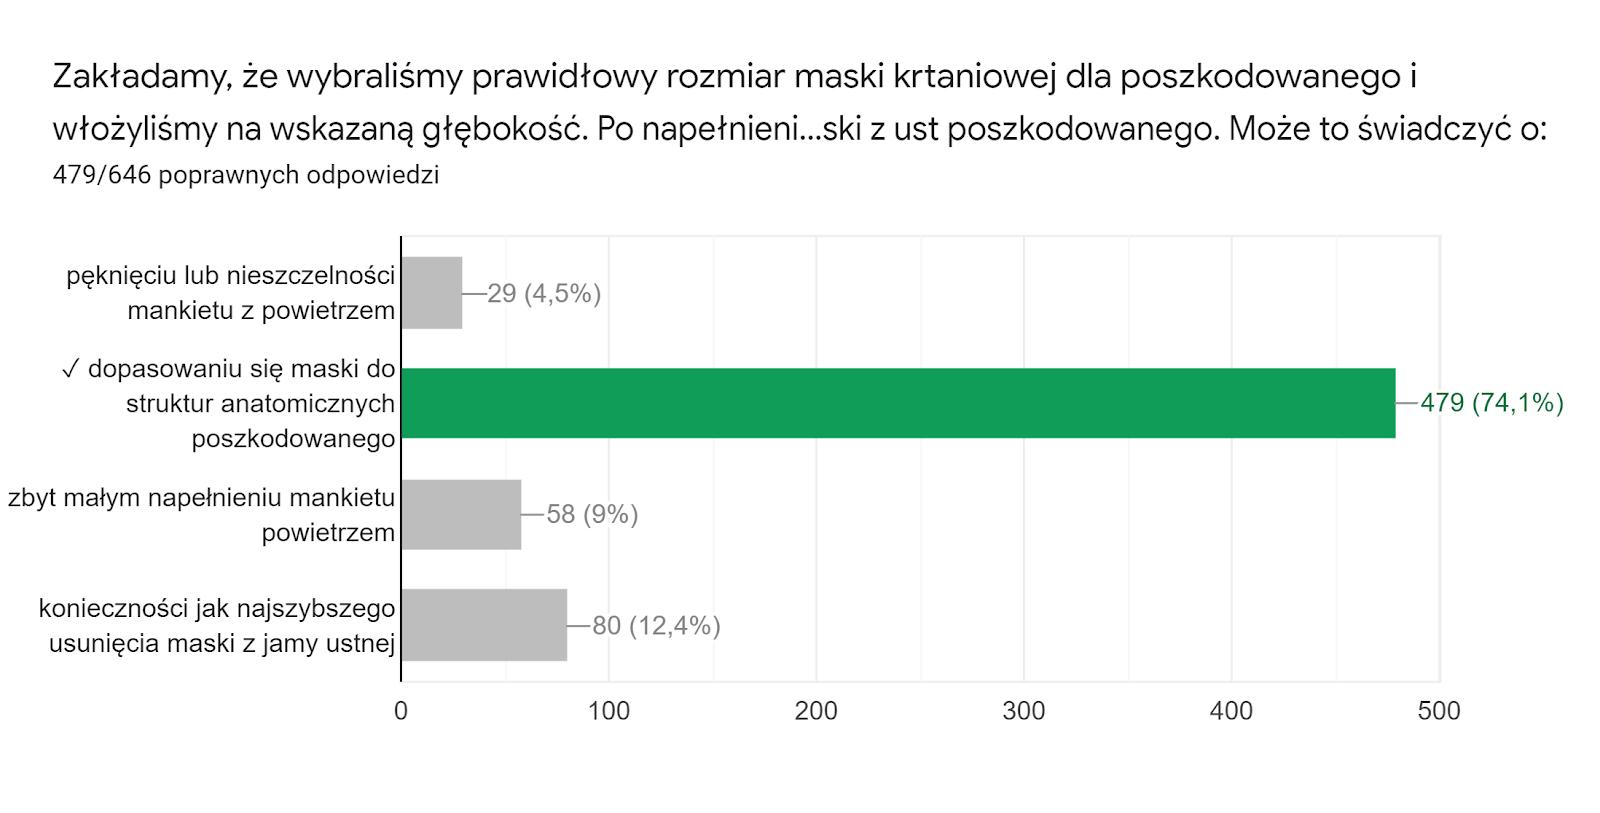 Wykres odpowiedzi z Formularzy. Tytuł pytania: Zakładamy, że wybraliśmy prawidłowy rozmiar maski krtaniowej dla poszkodowanego i włożyliśmy na wskazaną głębokość. Po napełnieniu mankietu powietrzem zauważyliśmy lekkie wysunięcie się maski z ust poszkodowanego. Może to świadczyć o:. Liczba odpowiedzi: 479/646 poprawnych odpowiedzi.